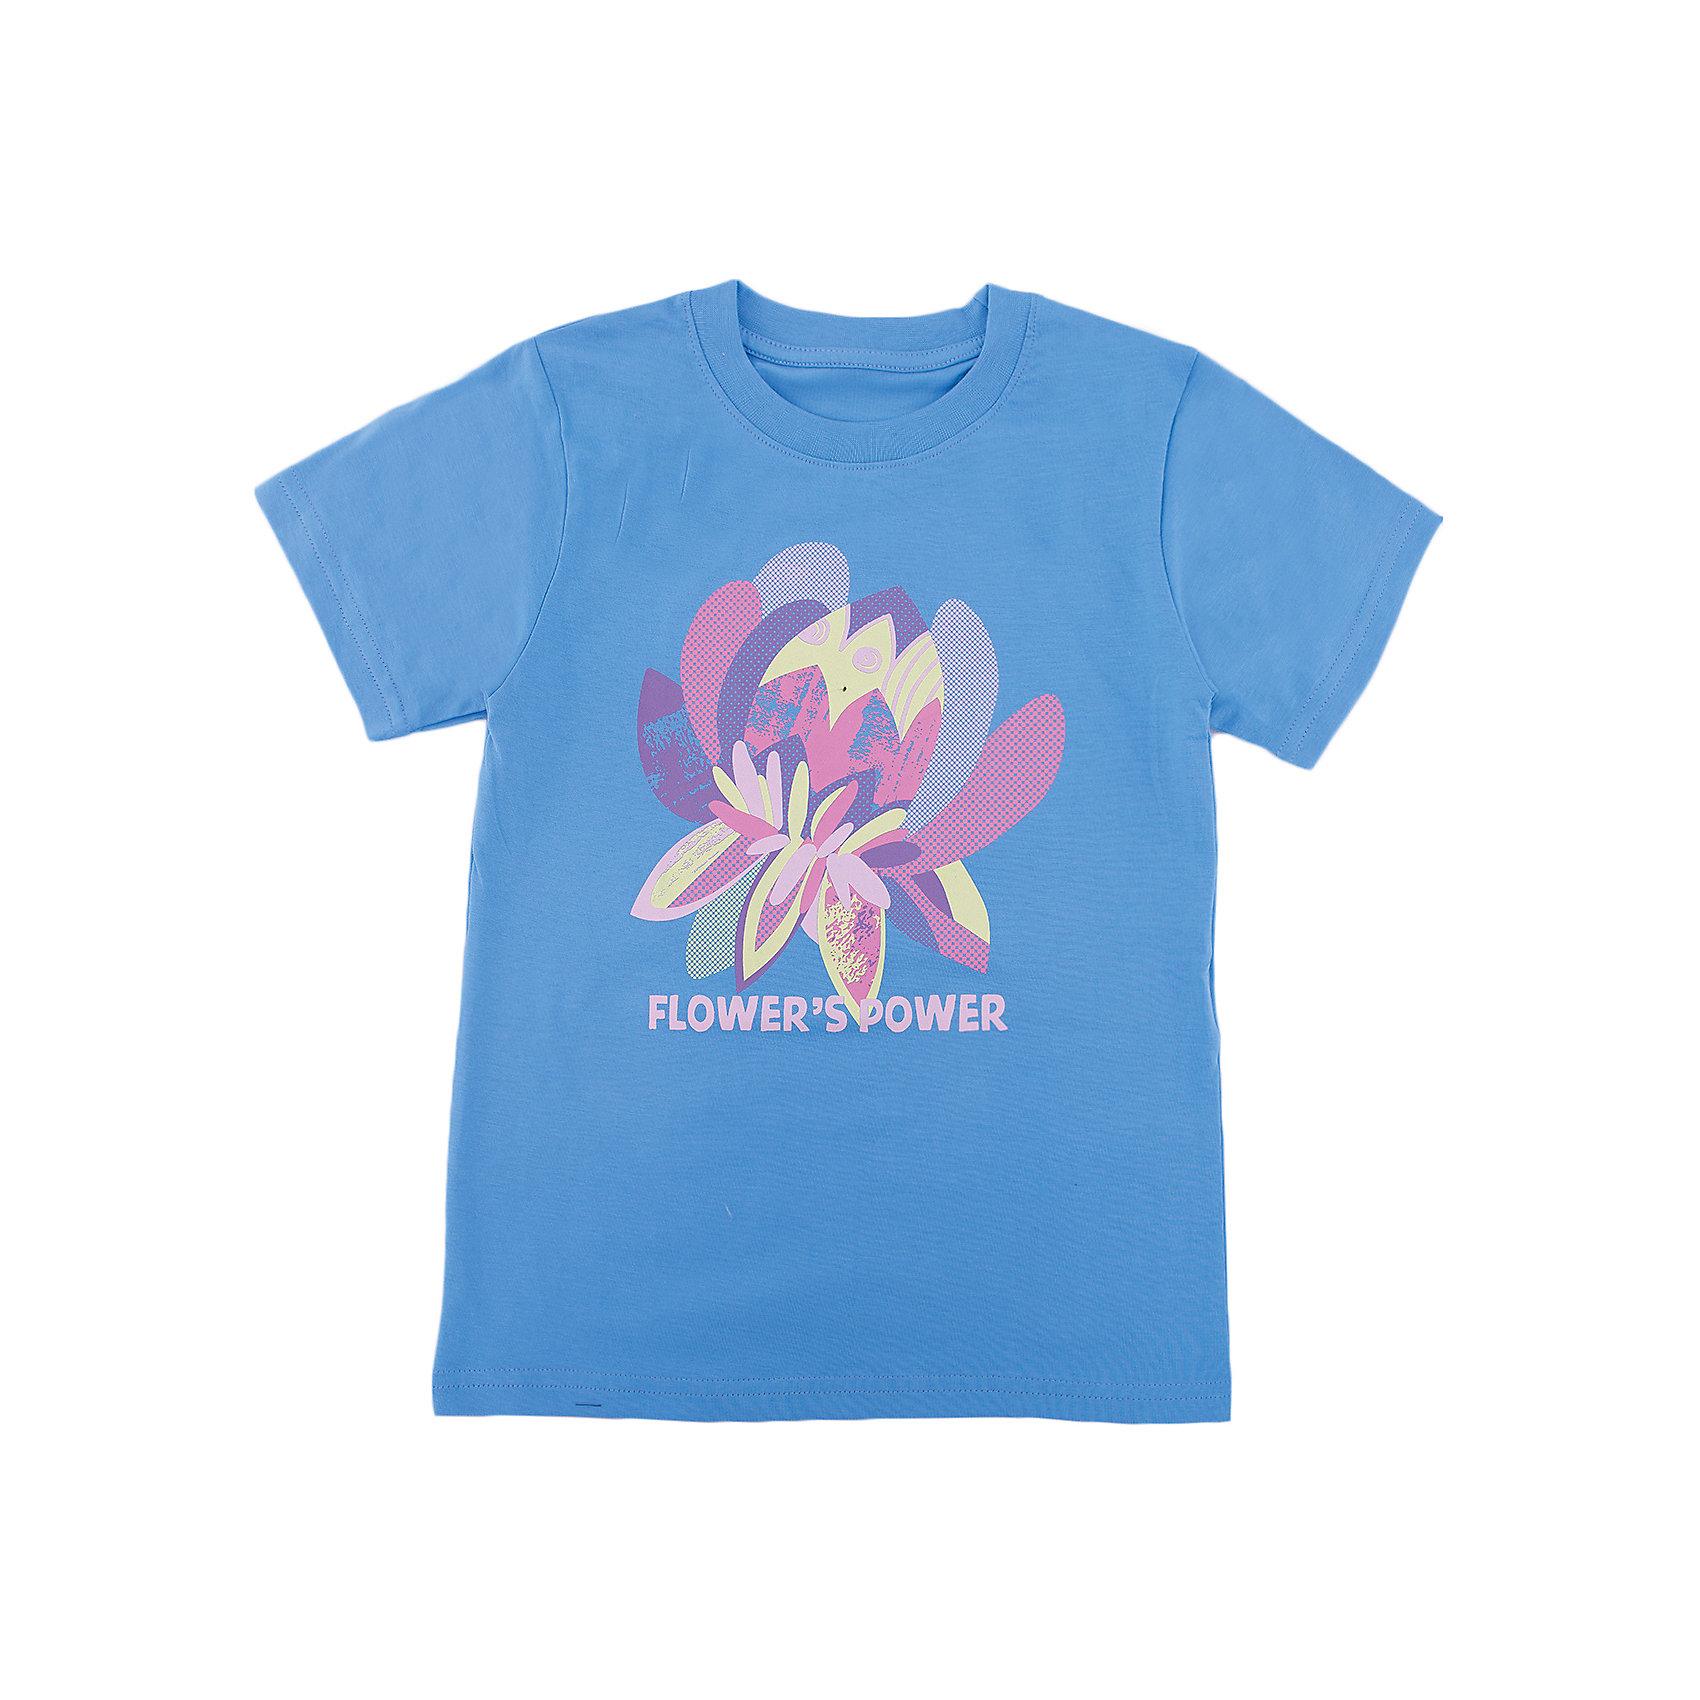 Футболка для девочки WOWФутболки, поло и топы<br>Футболка для девочки WOW<br>Незаменимой вещью в  гардеробе послужит футболка с коротким рукавом. Стильная и в тоже время комфортная модель, с яркой оригинальной печатью, будет превосходно смотреться на ребенке.<br>Состав:<br>кулирная гладь 100% хлопок<br><br>Ширина мм: 199<br>Глубина мм: 10<br>Высота мм: 161<br>Вес г: 151<br>Цвет: голубой<br>Возраст от месяцев: 156<br>Возраст до месяцев: 168<br>Пол: Женский<br>Возраст: Детский<br>Размер: 164,128,134,140,146,152,158<br>SKU: 6871771